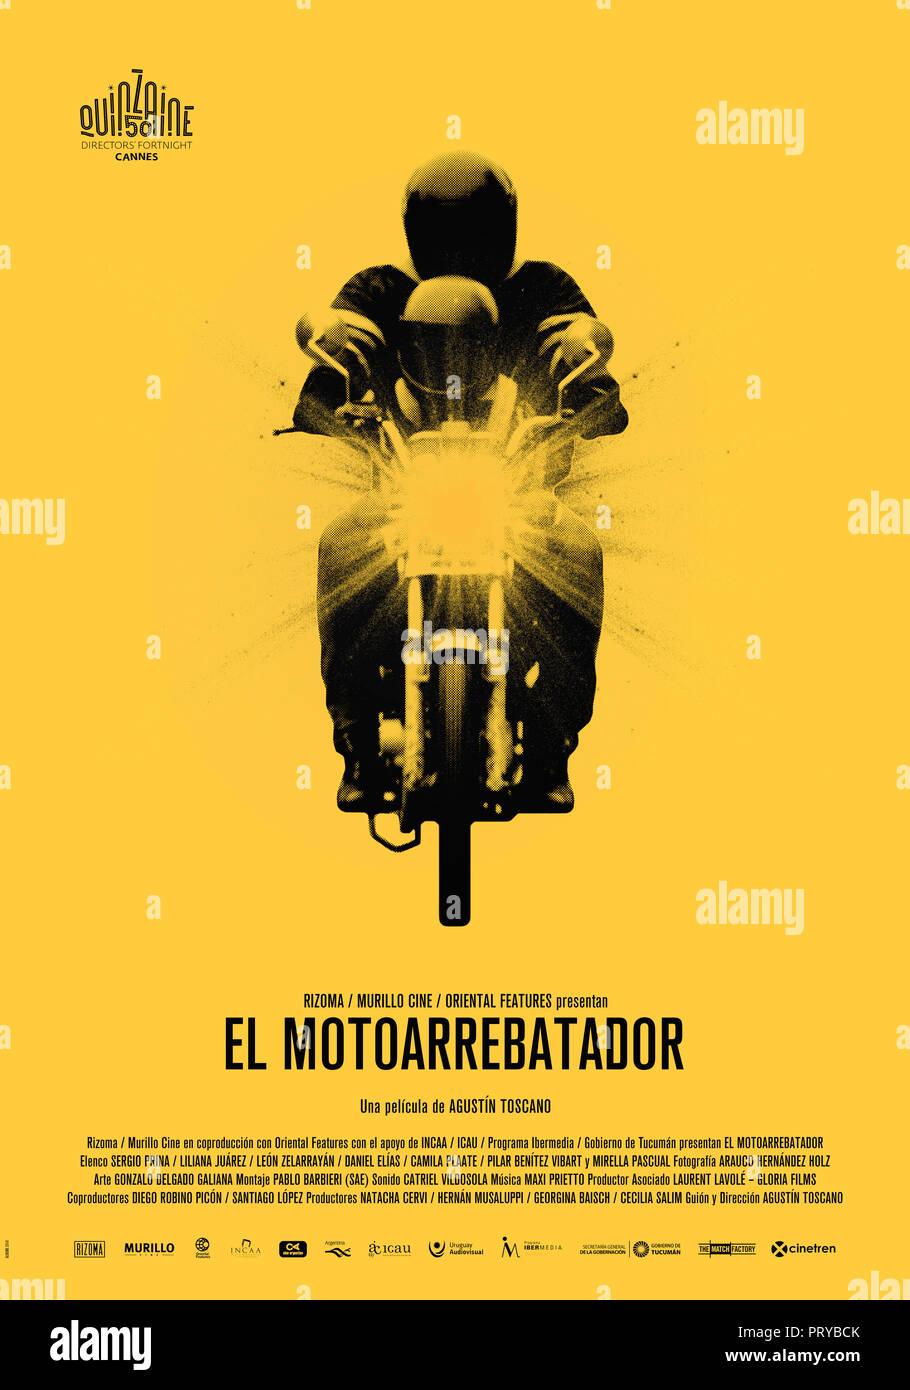 Prod DB © Rizoma Films - Murillo Cine - Oriental Films - Gloria Films / DR EL MOTOARREBATADOR de Agustin Toscano ARG./URUG. affiche espagnole festival - Stock Image